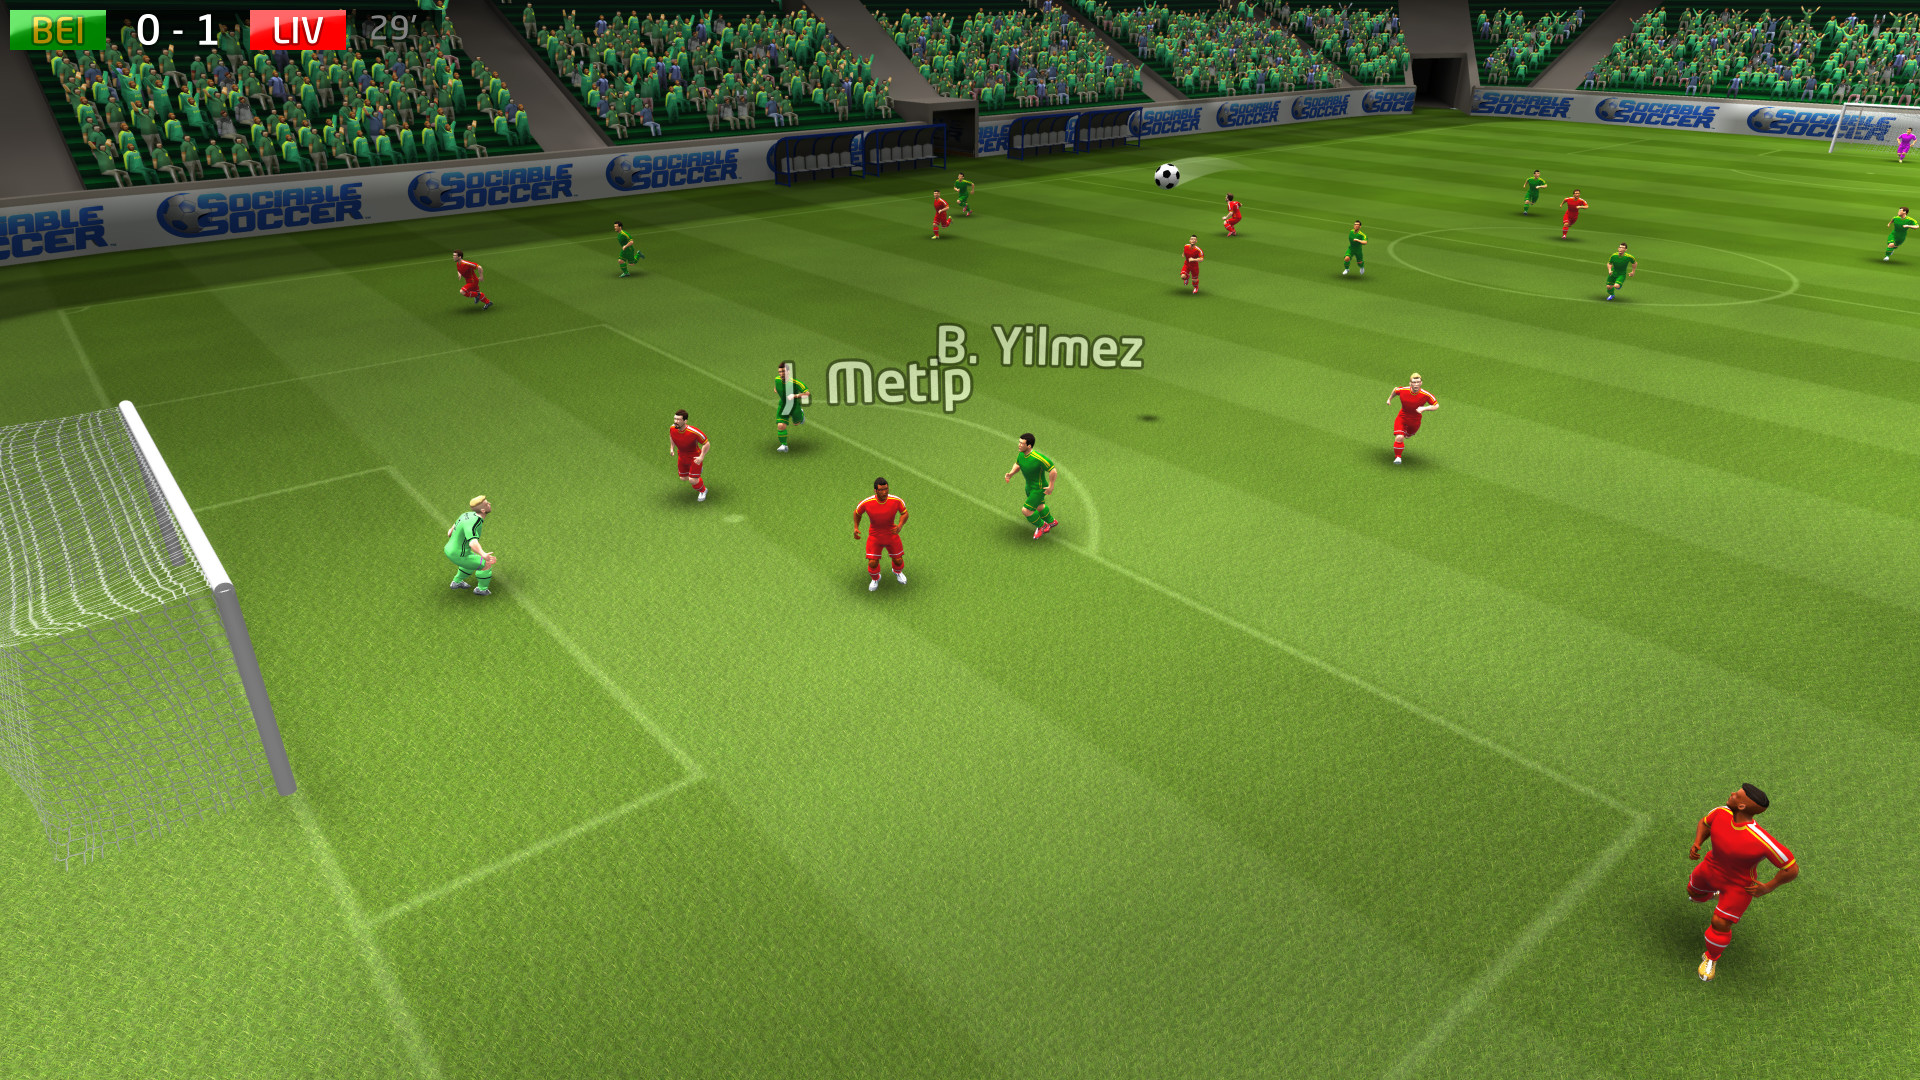 Sociable Soccer_04